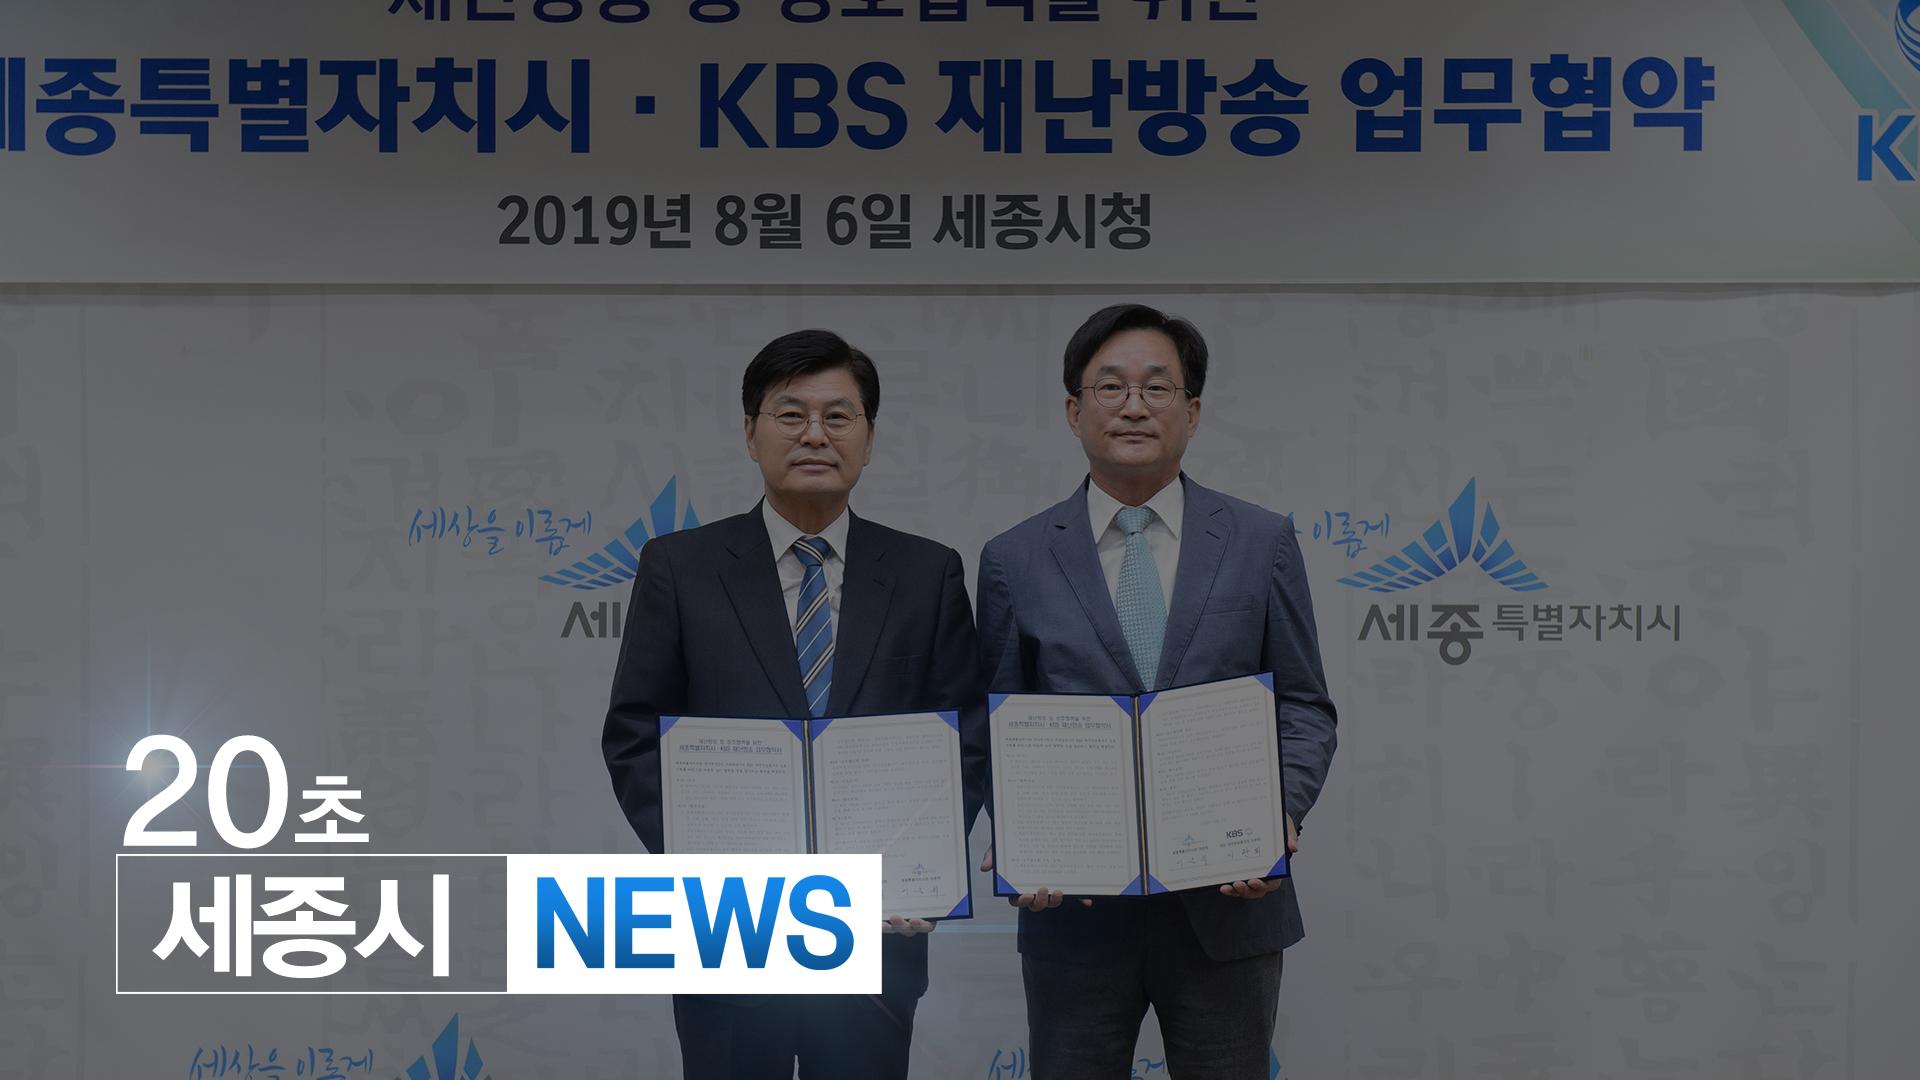 세종시-KBS대전방송 재난정보 신속 전파'합심'